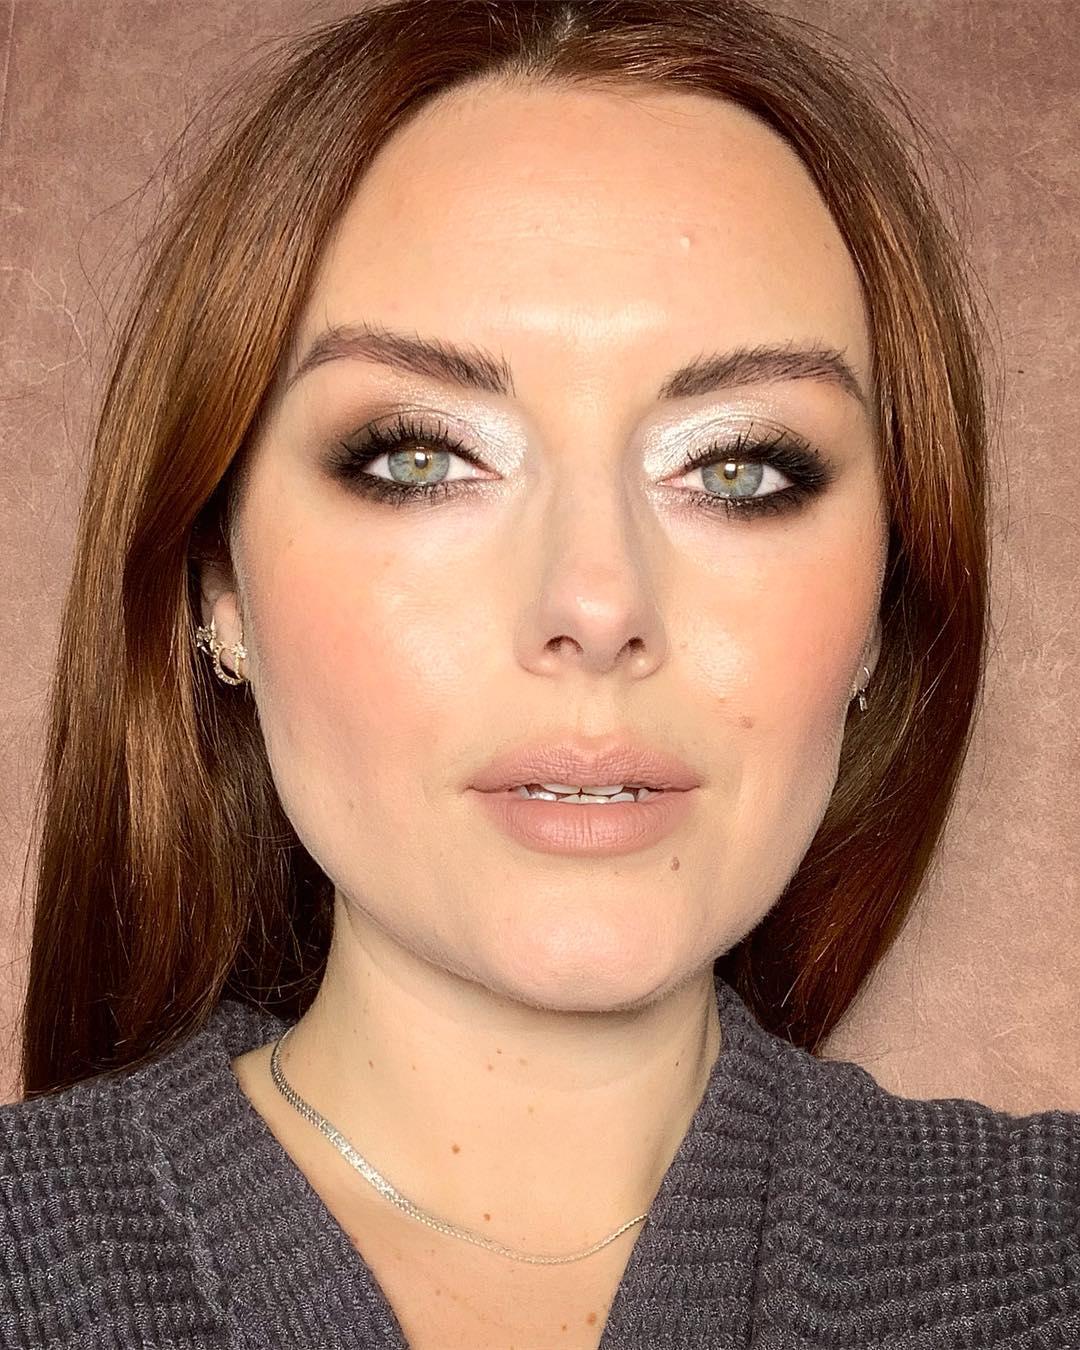 макияж глаз для рыжих фото 2